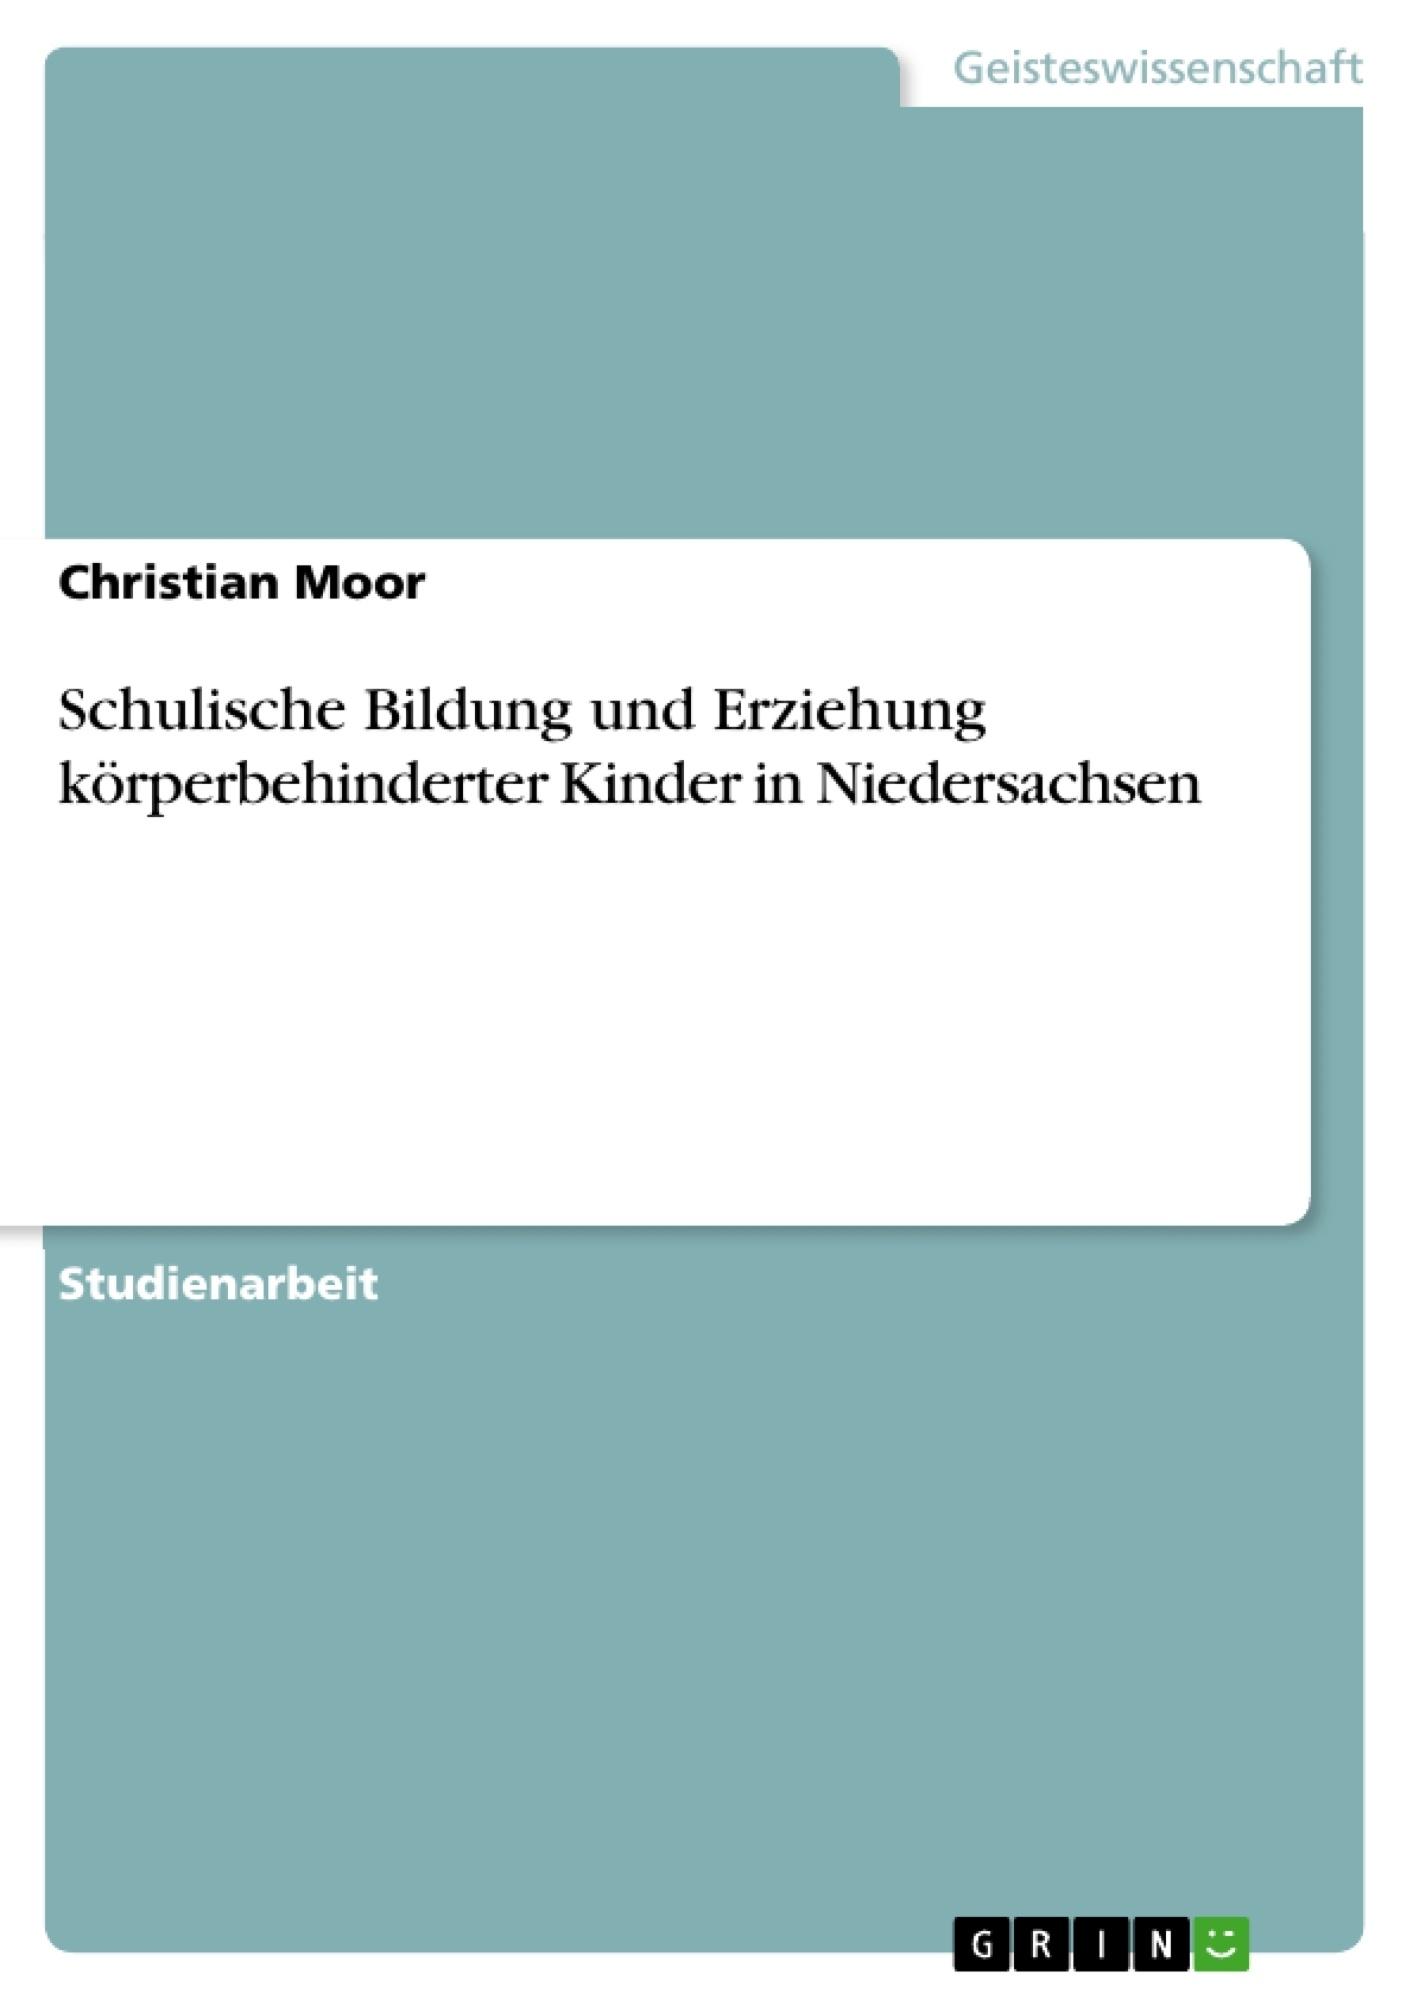 Titel: Schulische Bildung und Erziehung körperbehinderter Kinder in Niedersachsen